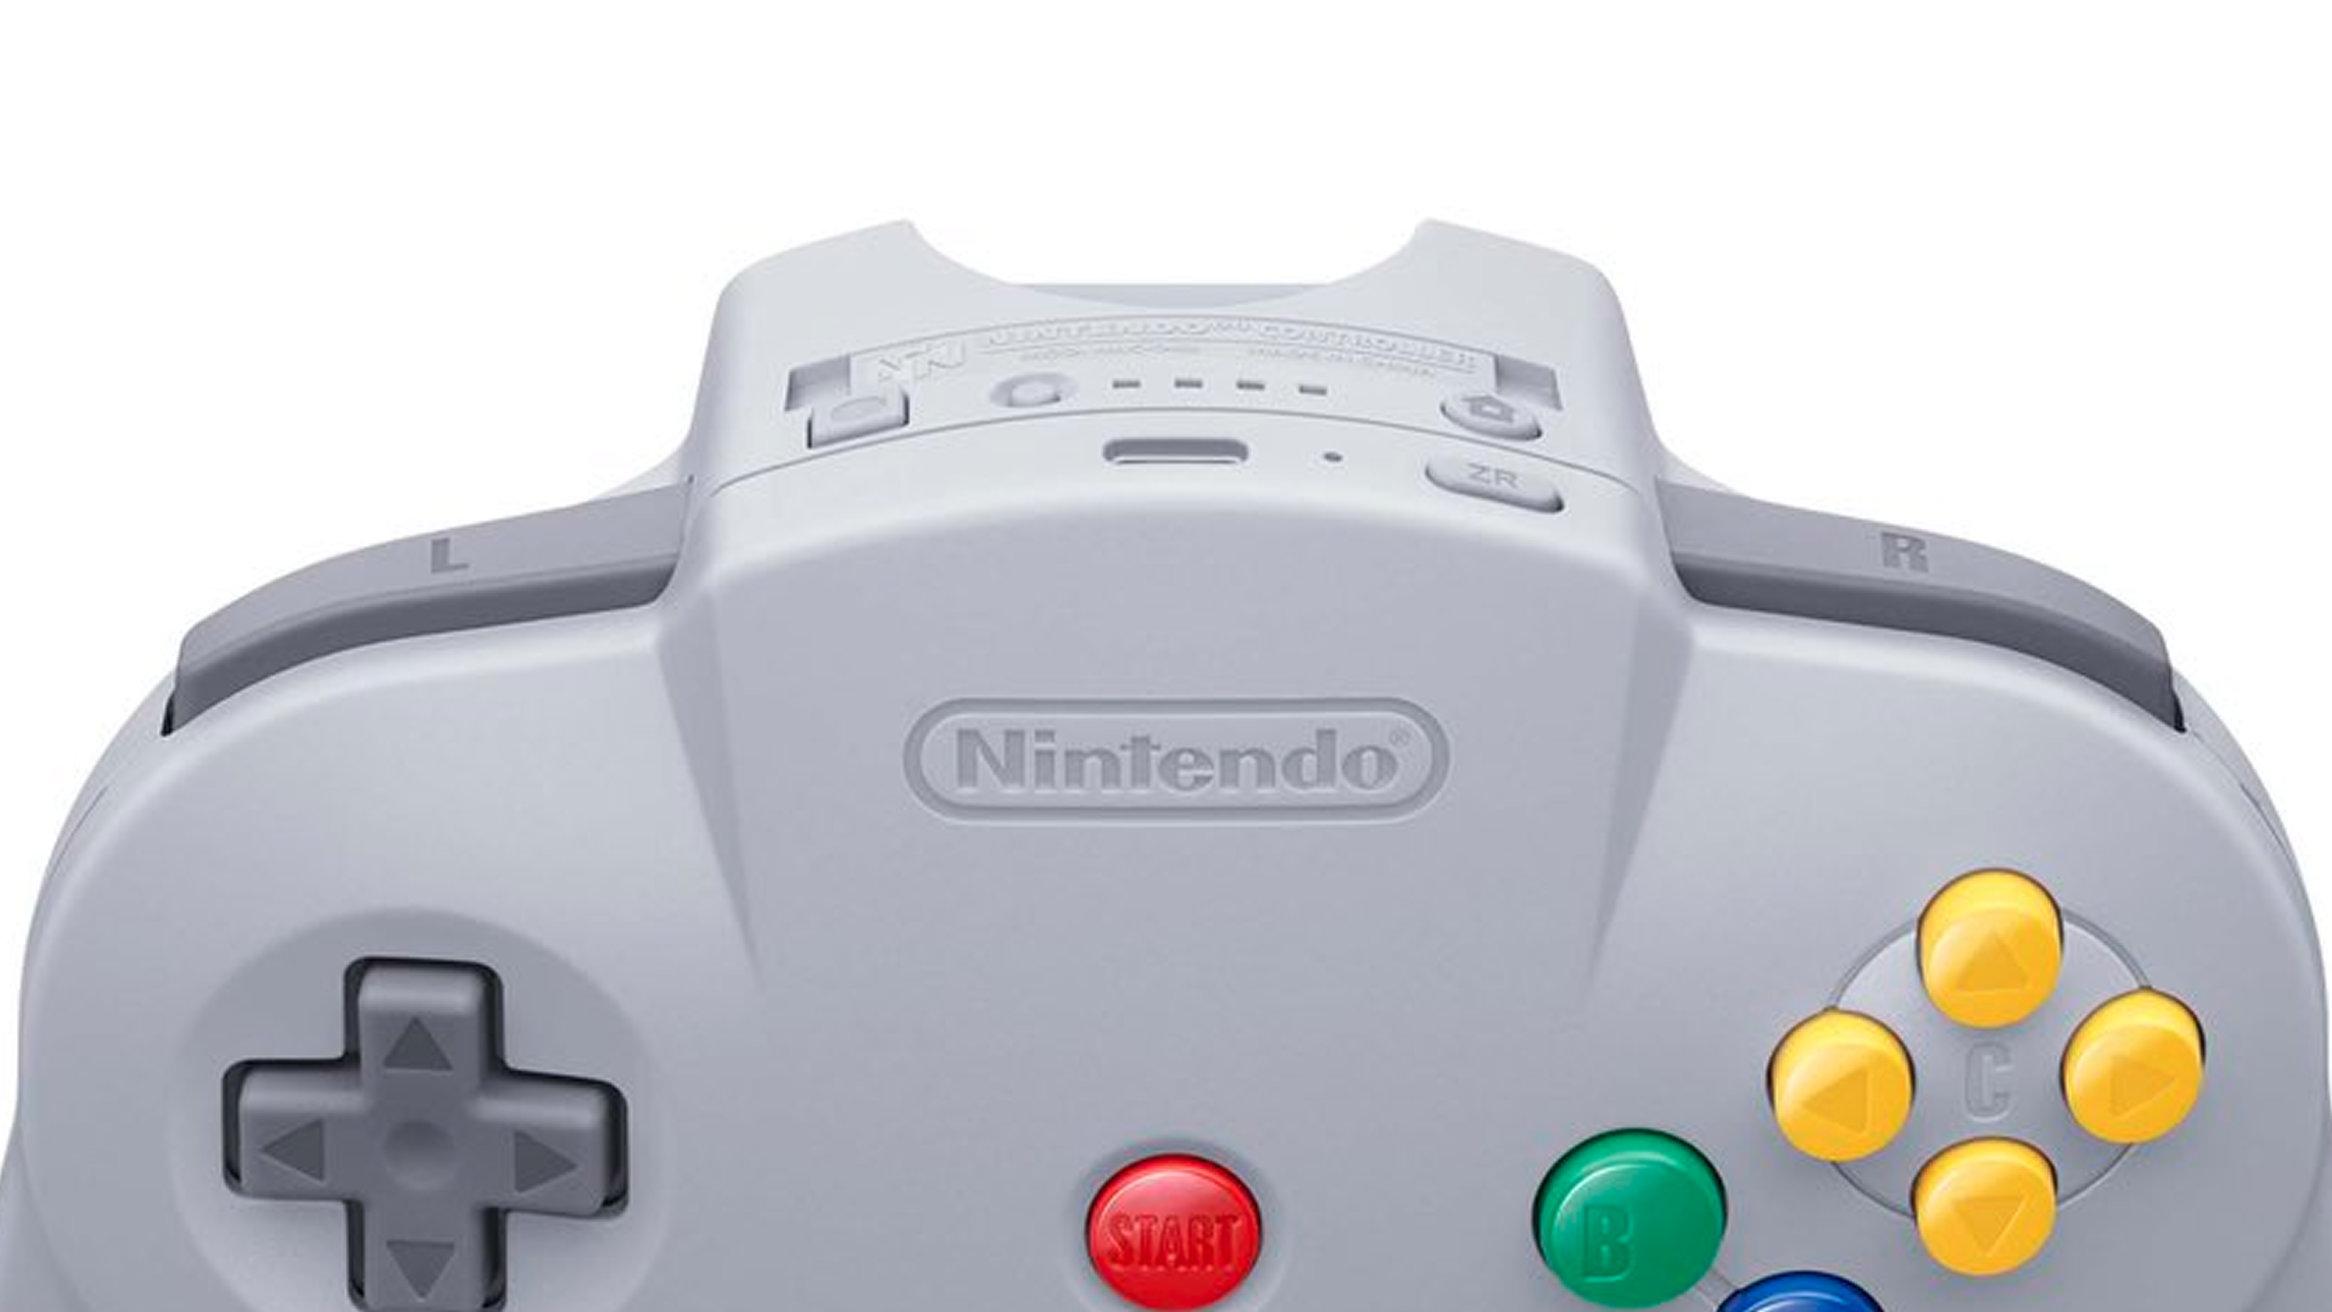 ニンテンドースイッチ用ニンテンドウ64コントローラーはボタンが増えている